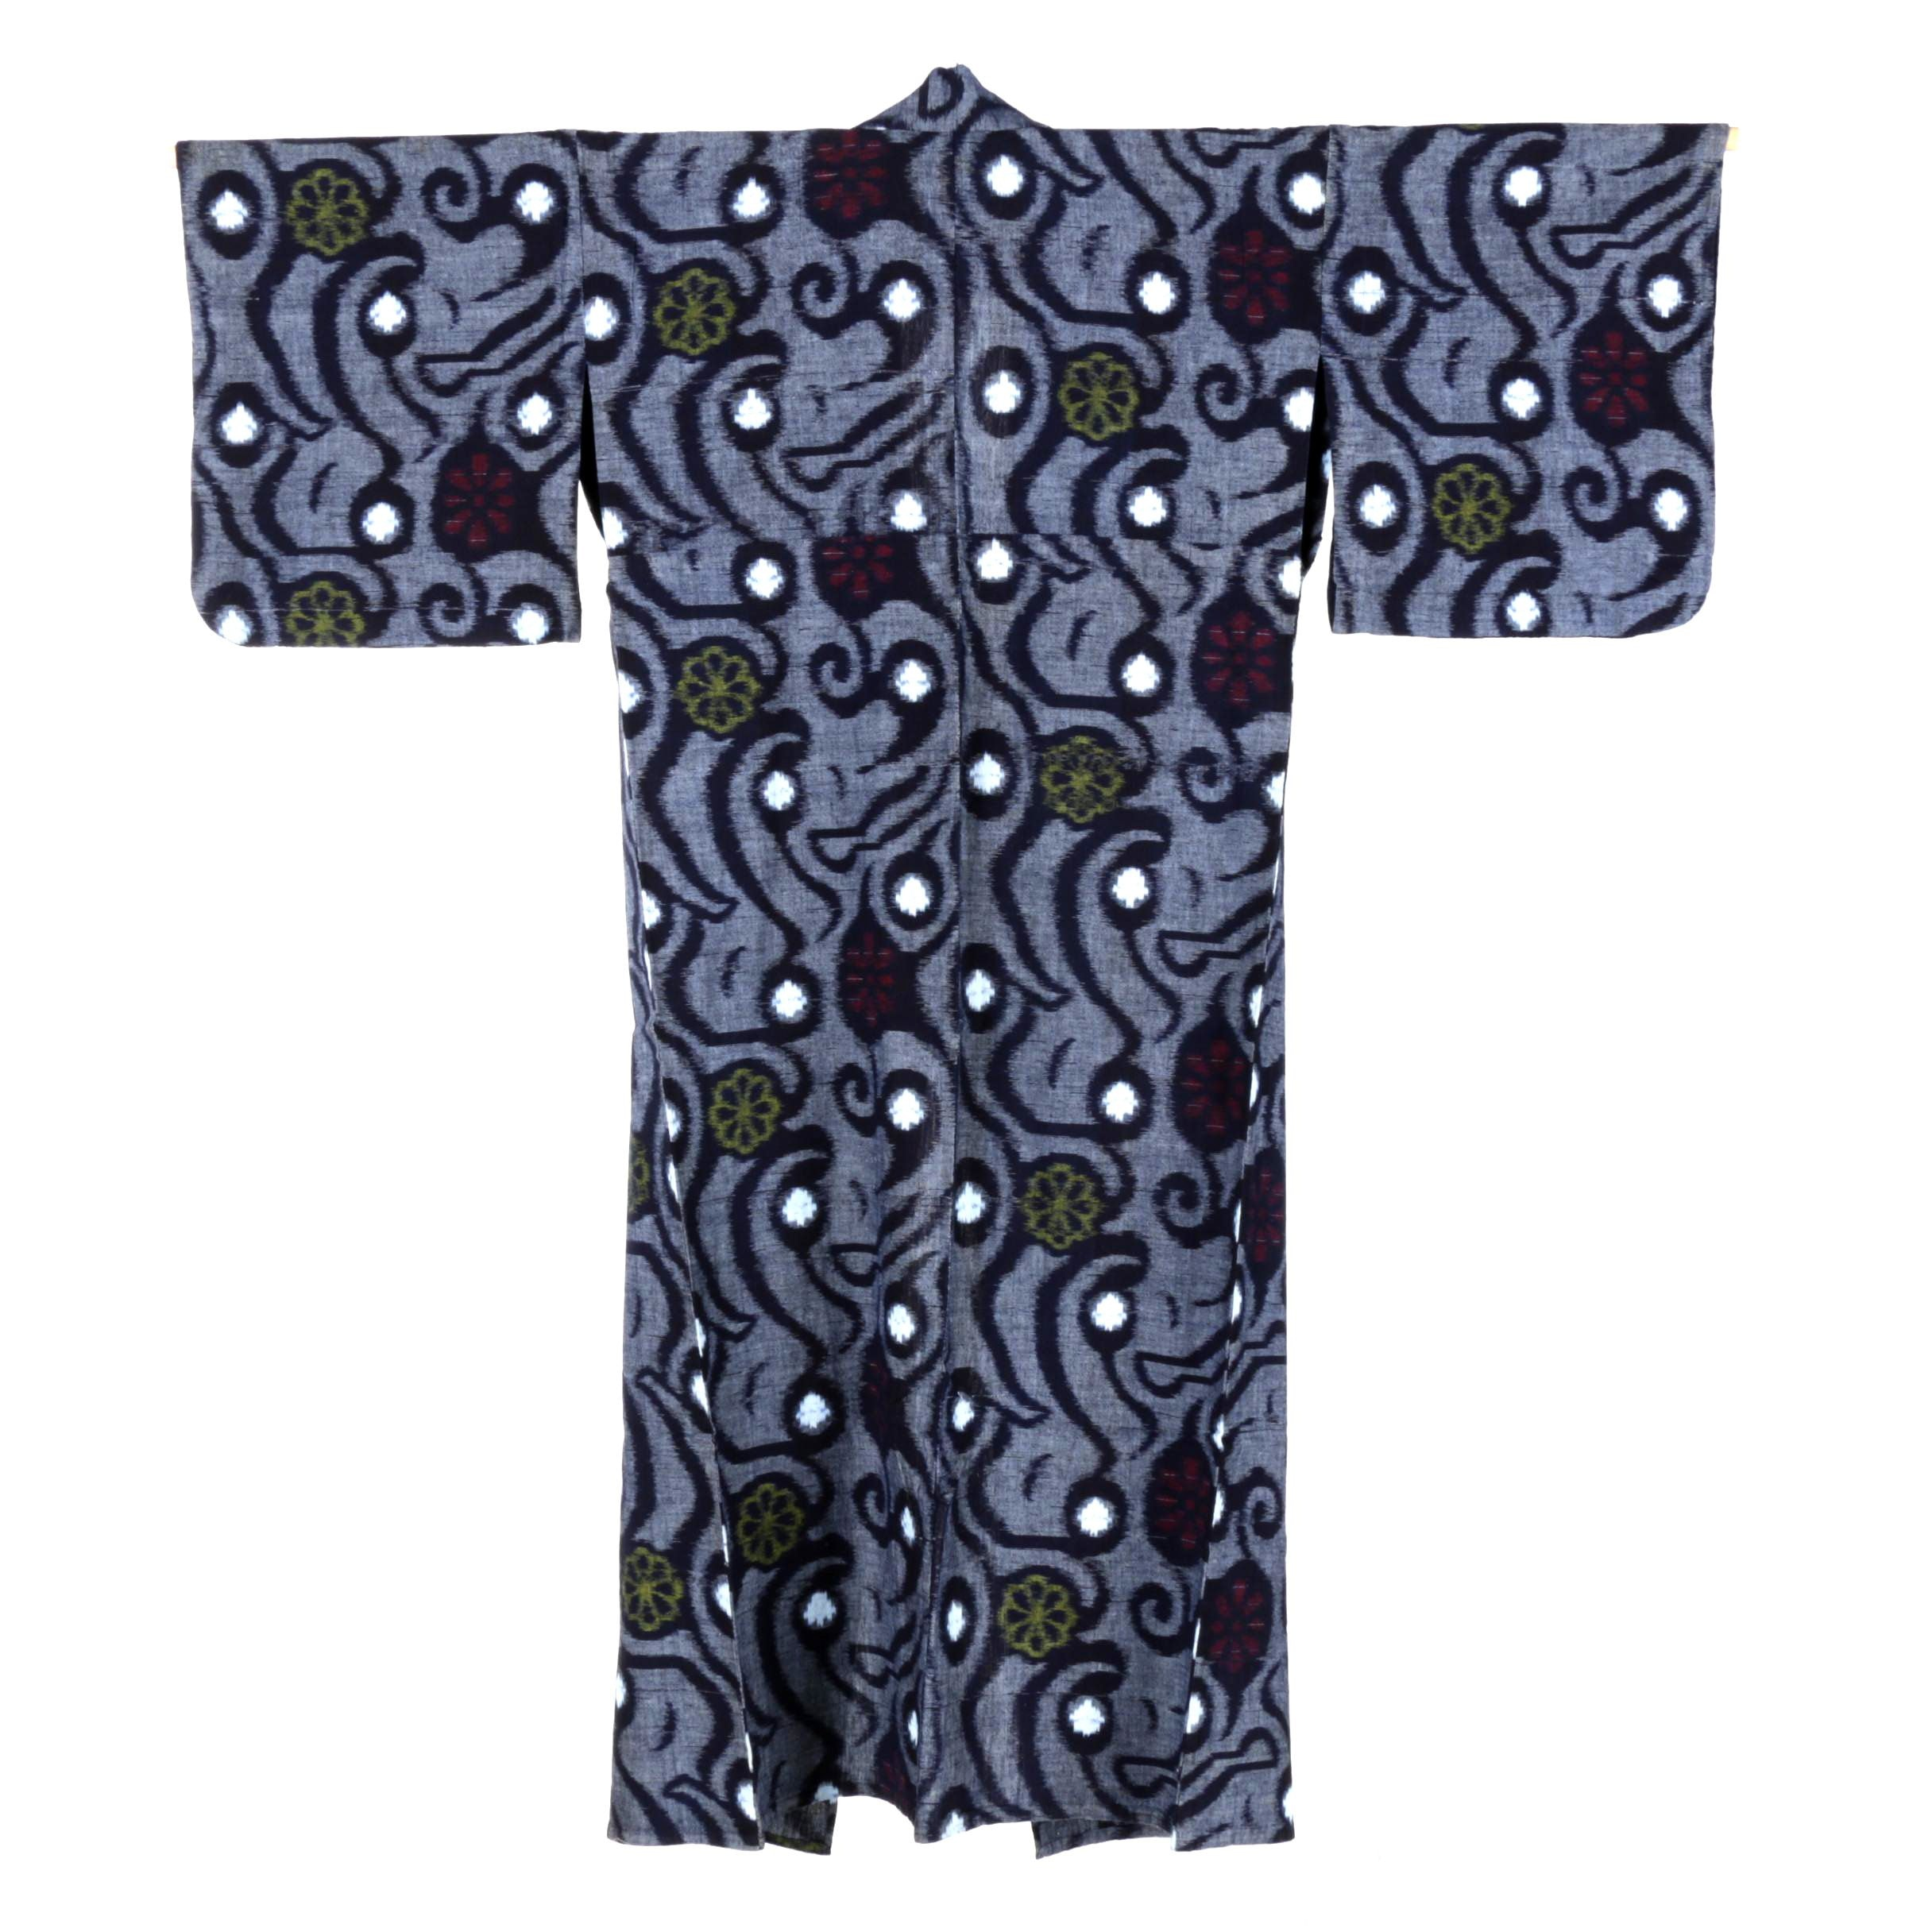 Circa 1930s Vintage Hand Sewn Cotton Yukata Kimono